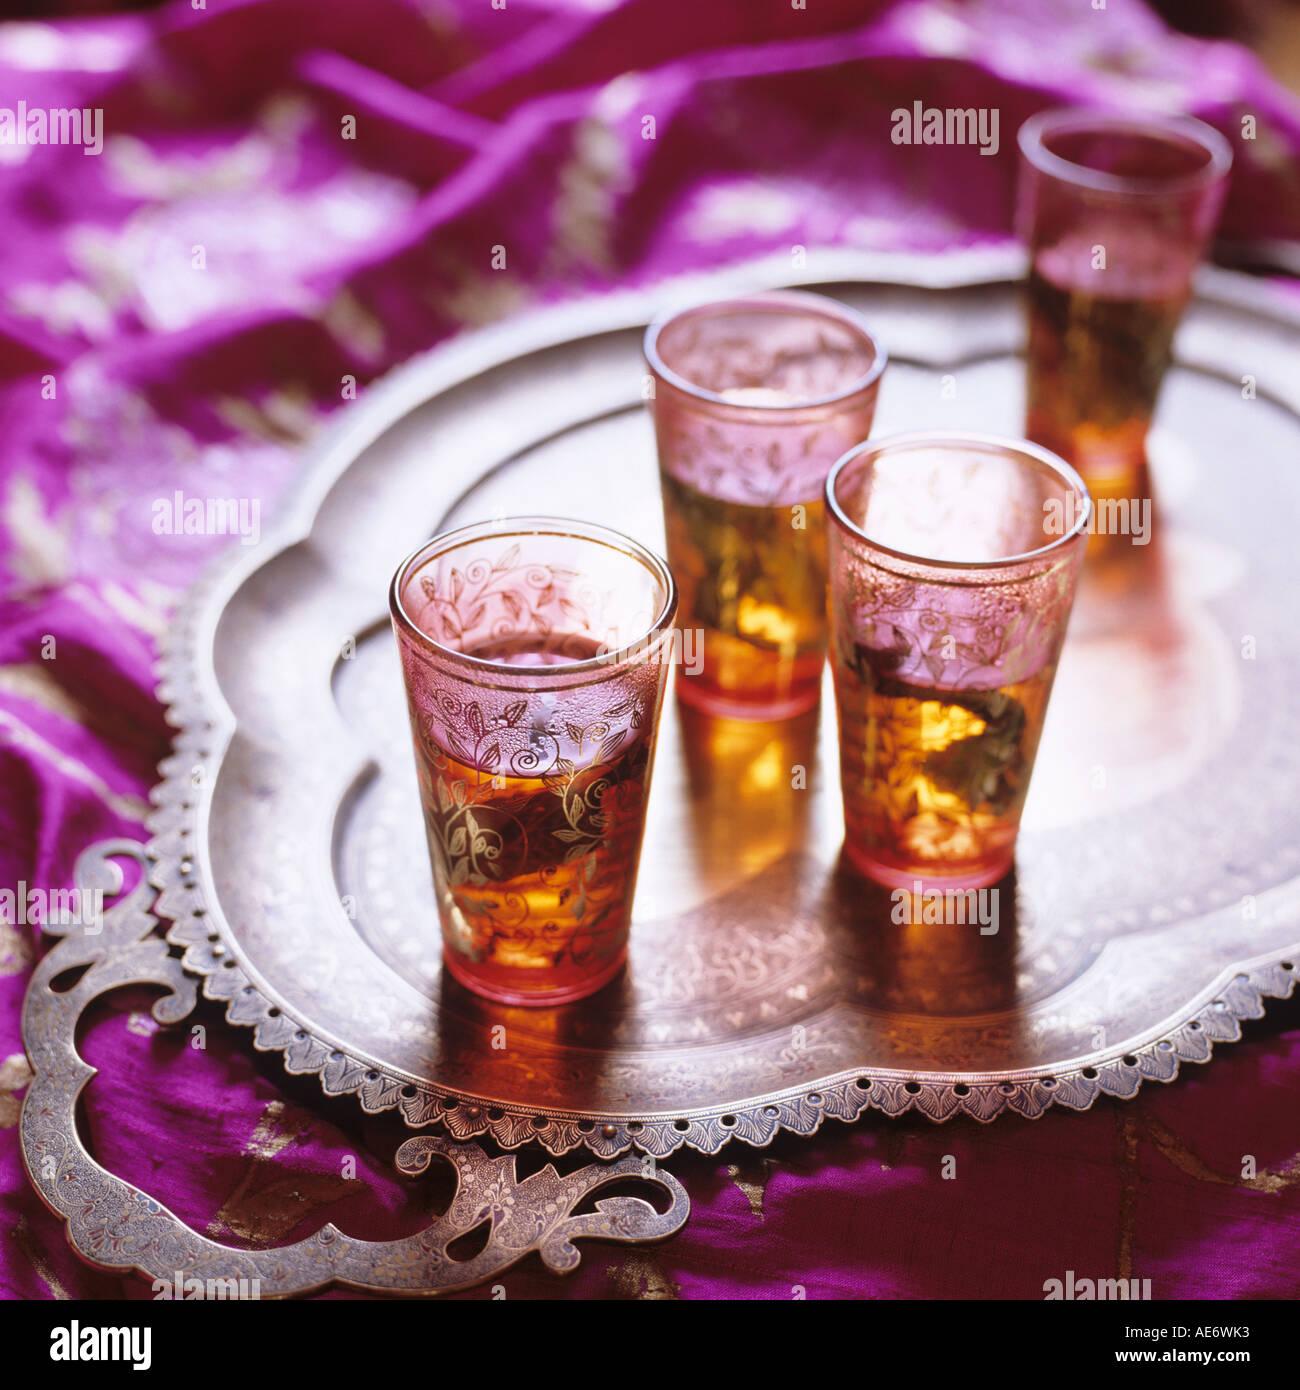 Medio Oriente vetri di piccole dimensioni con tè alla menta su un vassoio Foto Stock